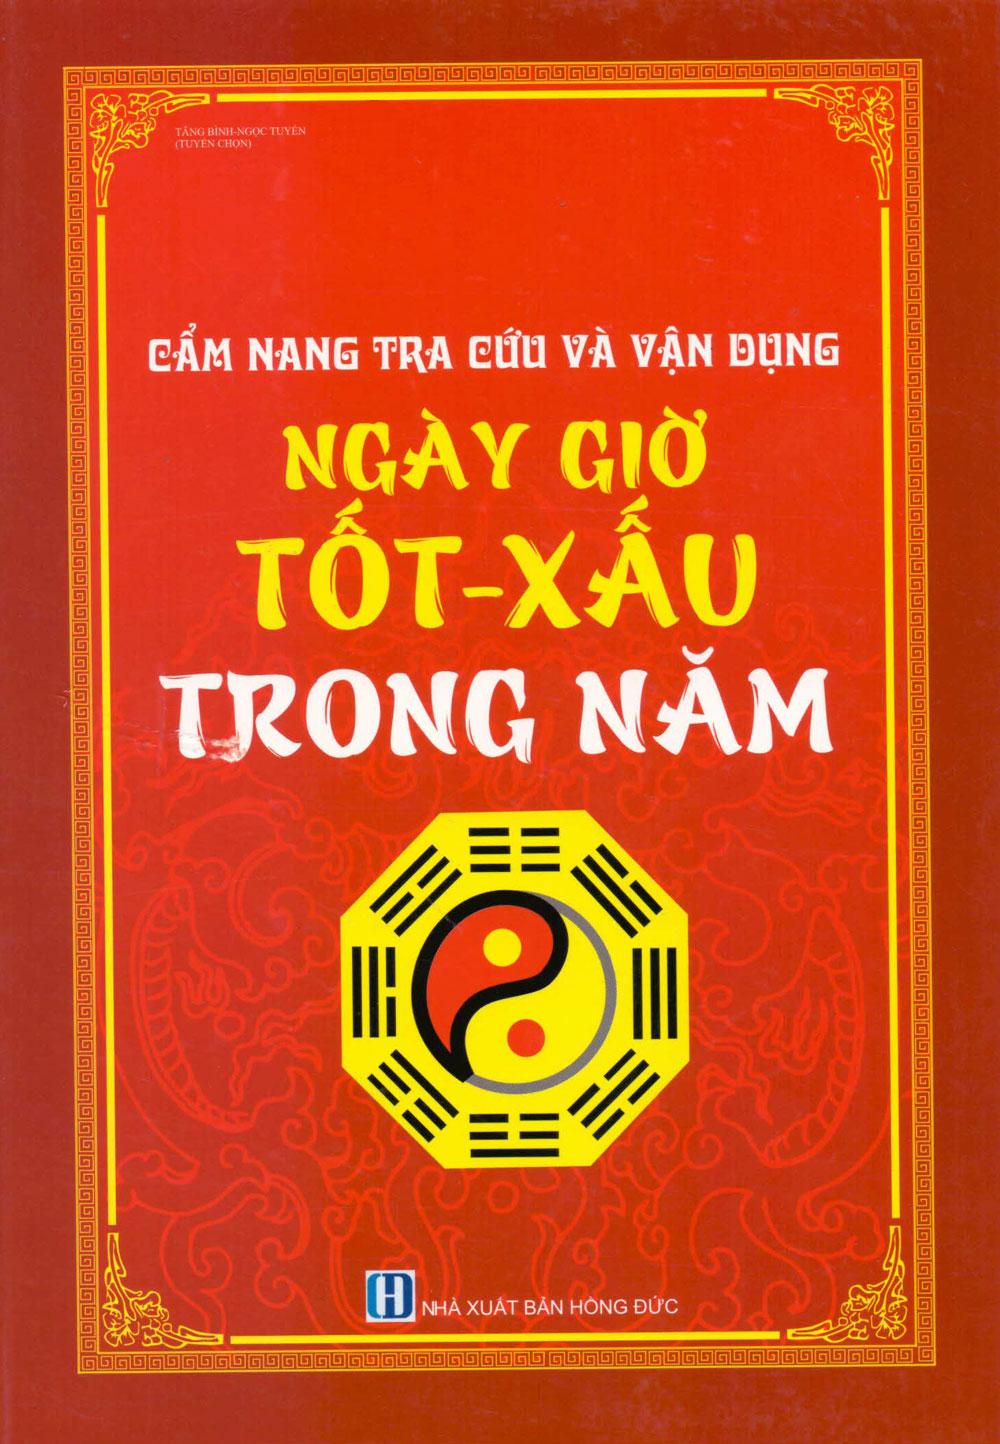 Cẩm Nang Tra Cứu Và Vận Dụng Ngày Tốt - Xấu Trong Năm